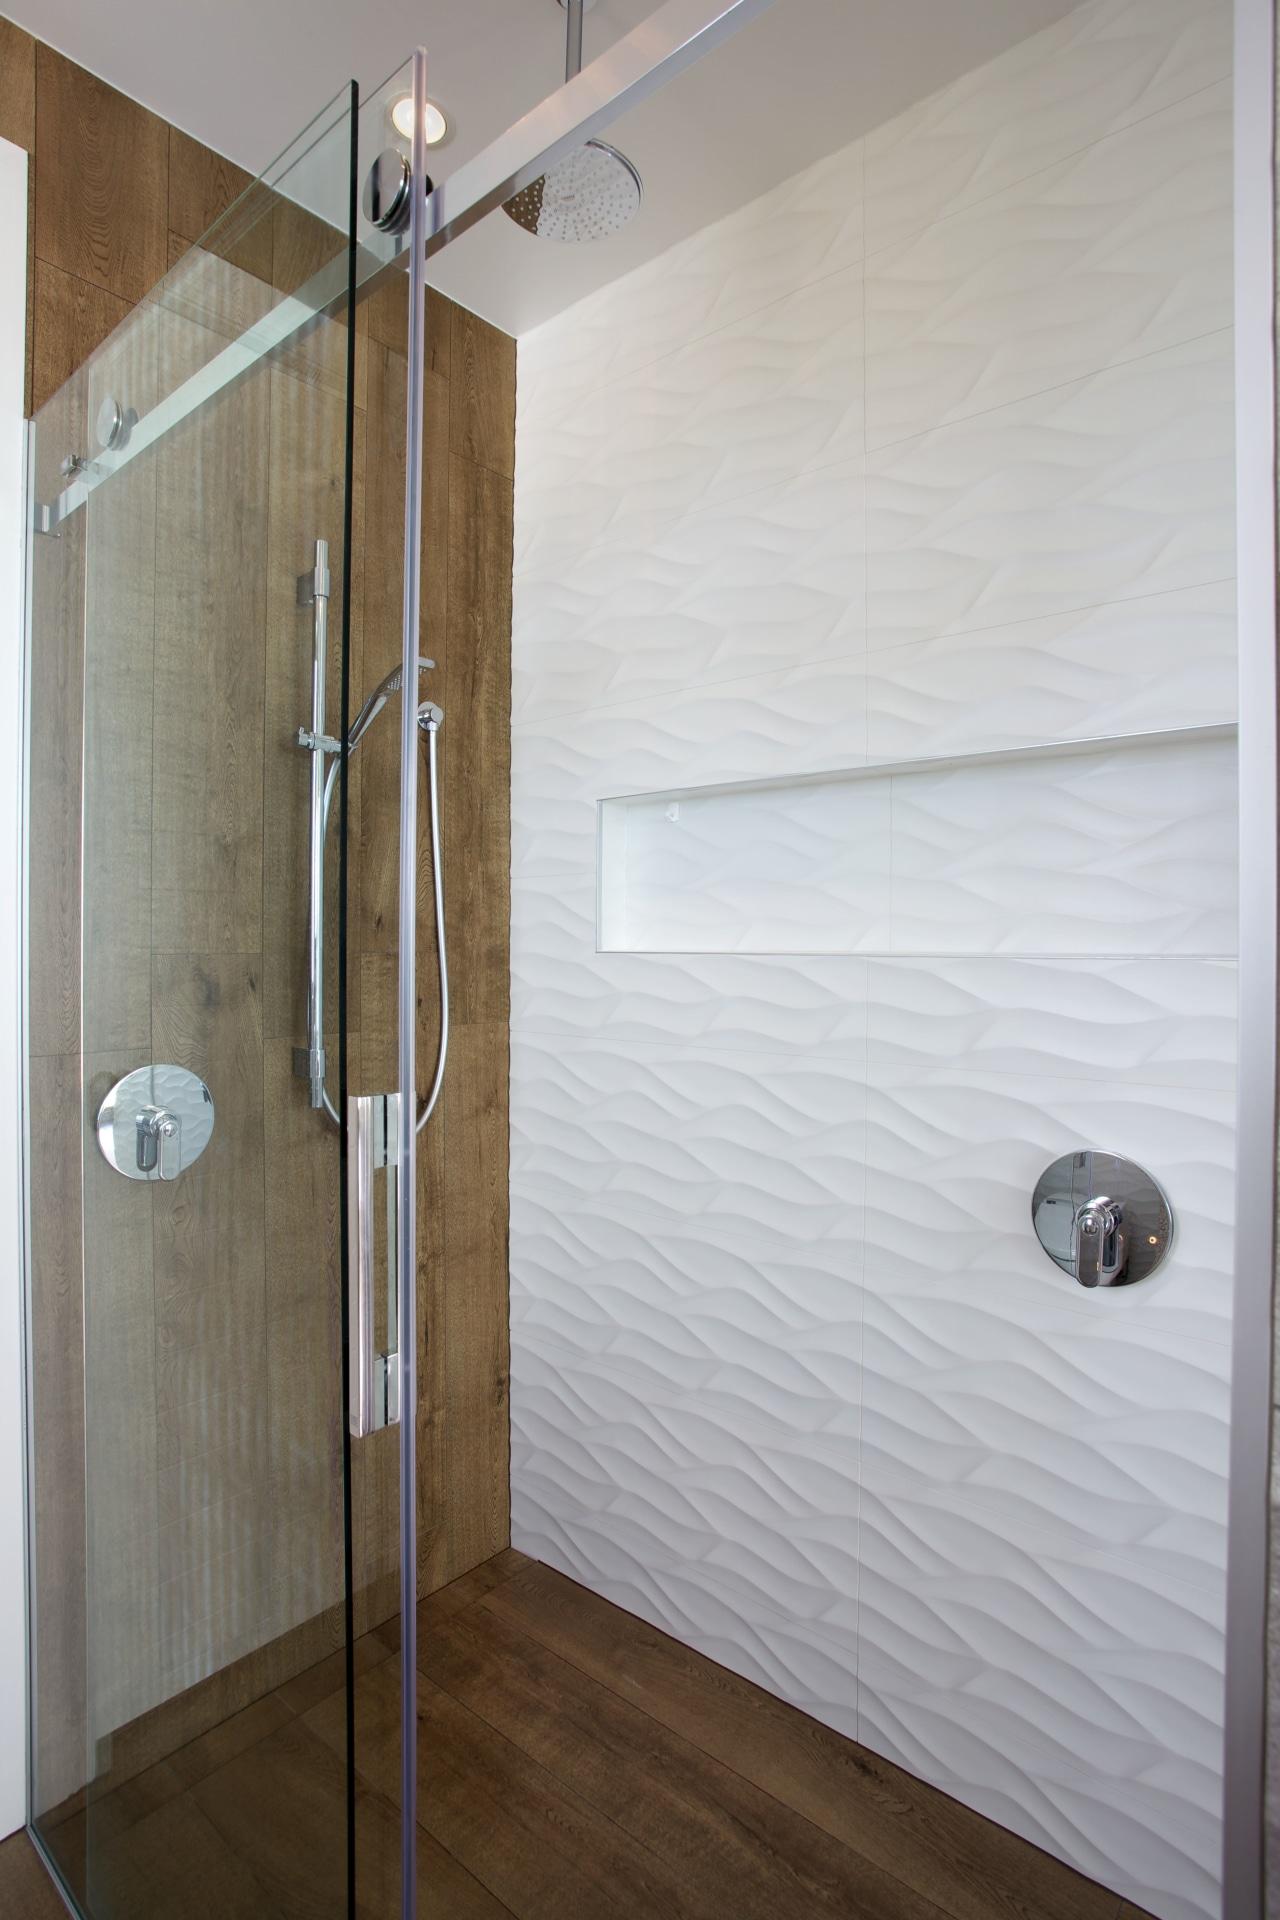 This  shower has a niche for shampoos, bathroom, door, floor, flooring, plumbing fixture, room, shower, tile, wall, gray